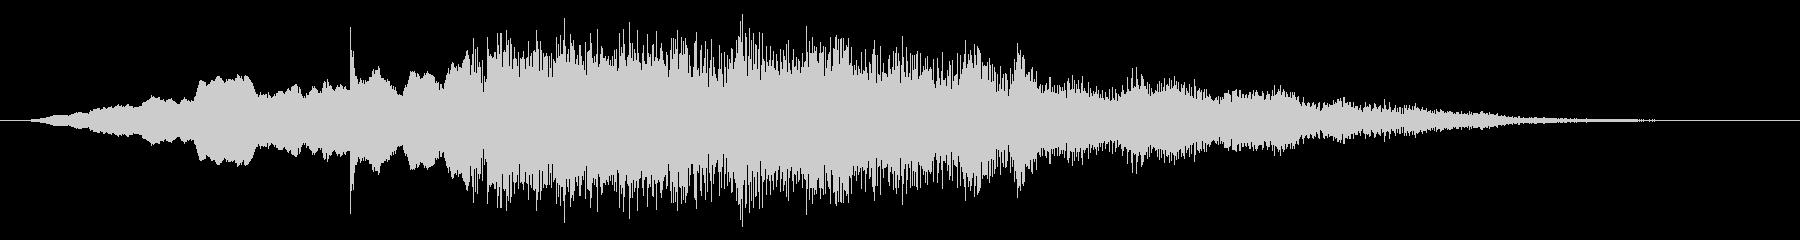 東部移行またはロゴの未再生の波形